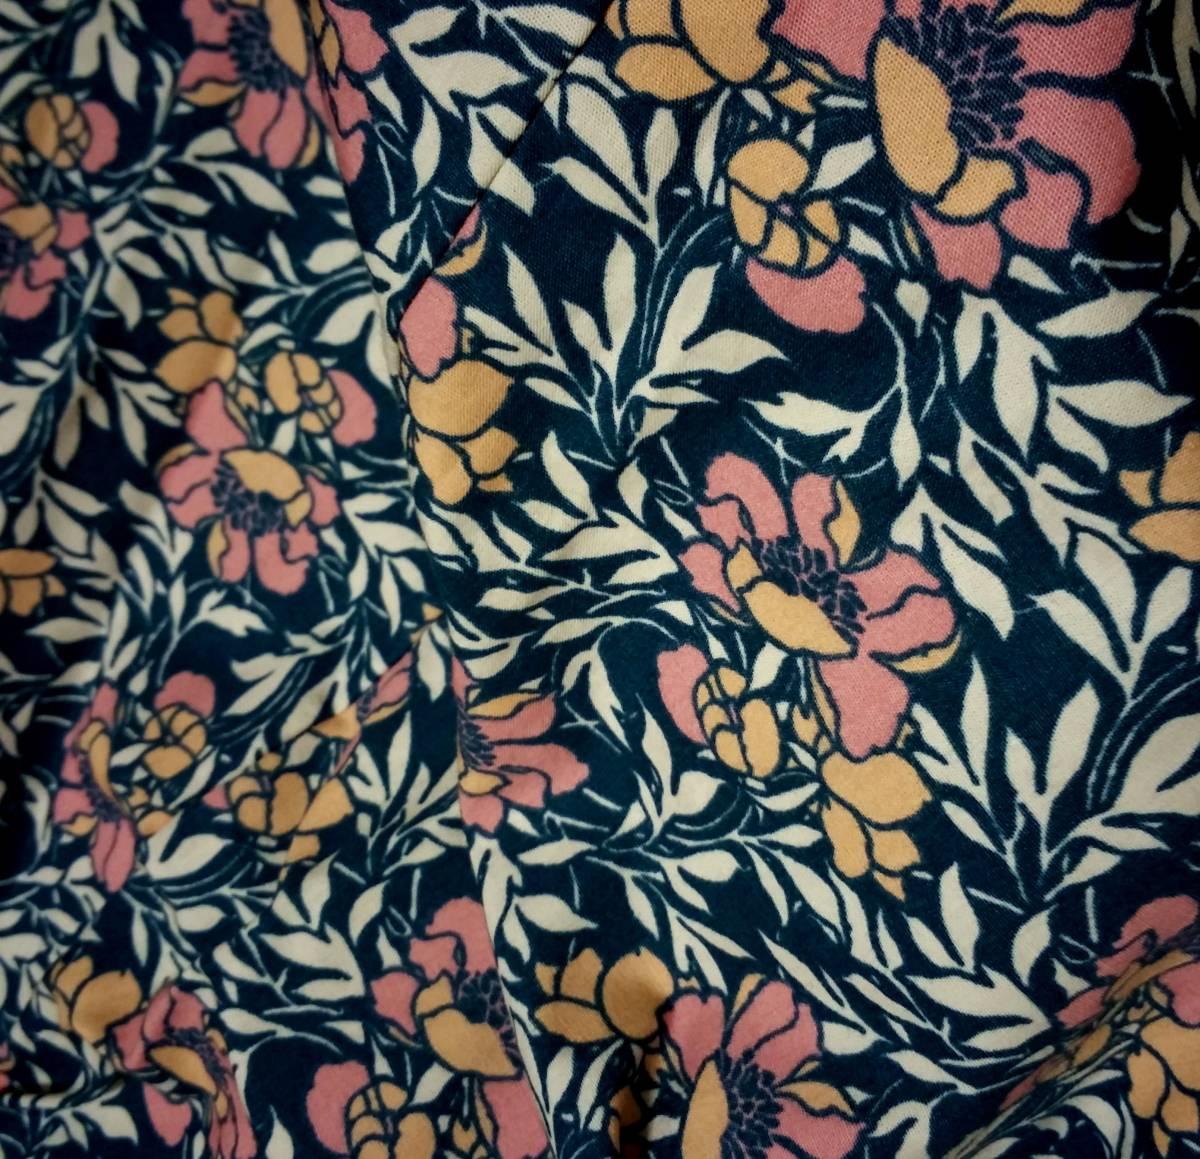 新品 TOPSHOP 中綿入りキルティングジャケット 36 ベージュ 花柄 コート ブルゾン トップショップ_画像2